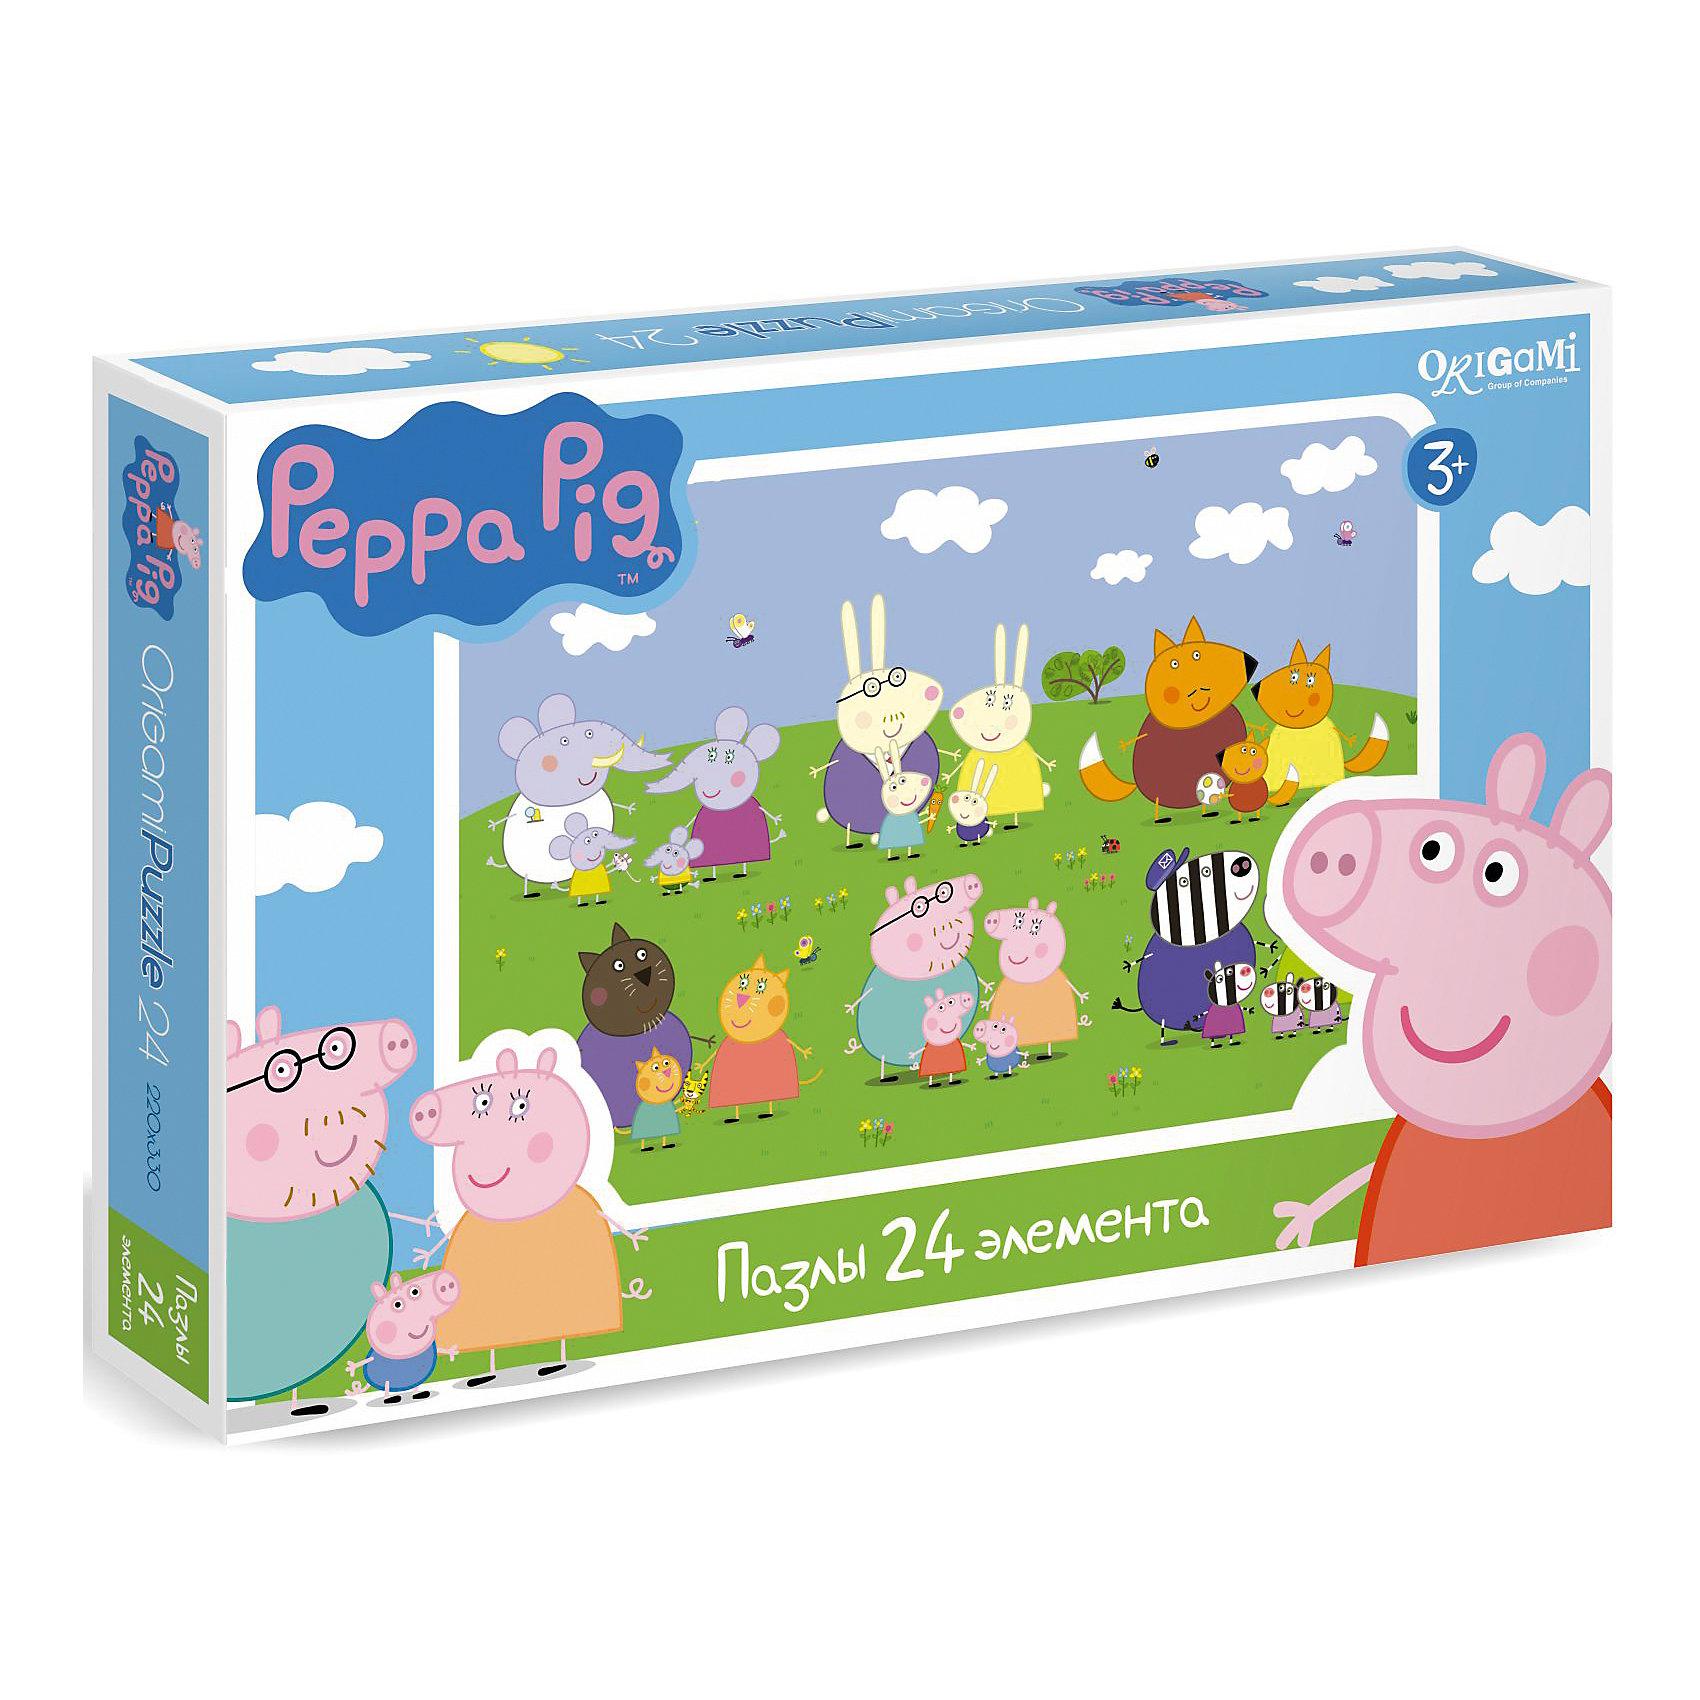 Пазл Свинка Пеппа, 24 детали, OrigamiПазлы для малышей<br>Пазл Свинка Пеппа, Origami - увлекательный набор для творчества, который заинтересует Вашего малыша и подарит ему отличное настроение. Из деталей пазла он сможет собрать красочную картинку с веселым сюжетом из популярного мультсериала Peppa Pig: на зеленой лужайке собрались семейства слоников, зайцев, лис, котов, зебр и, конечно же, свинок. Пазл отличается высоким качеством полиграфии и насыщенными цветами. Благодаря ламинированному покрытию, картинка надолго сохраняет свой блеск и яркие цвета. Плотный картон не дает деталям мяться и обеспечивает надежное соединение. Собирание пазла способствует развитию логического и пространственного мышления, внимания, мелкой моторики и координации движений.<br><br>Дополнительная информация:<br><br>- Материал: картон. <br>- Количество деталей: 24.<br>- Размер собранной картинки: 22 х 33 см.<br>- Размер упаковки: 26,5 х 3,5 х 17,5 см.<br>- Вес: 230 гр.<br> <br>Пазл Свинка Пеппа, 24 детали, Origami, можно купить в нашем интернет-магазине.<br><br>Ширина мм: 265<br>Глубина мм: 35<br>Высота мм: 175<br>Вес г: 230<br>Возраст от месяцев: 36<br>Возраст до месяцев: 96<br>Пол: Унисекс<br>Возраст: Детский<br>SKU: 4614936